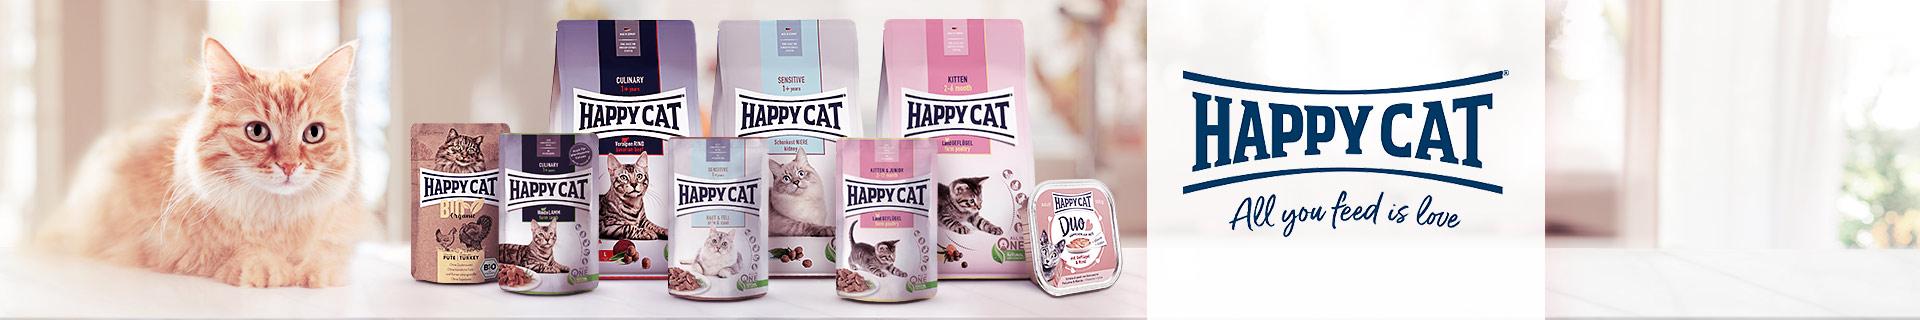 HappyCat Markeneinstieg